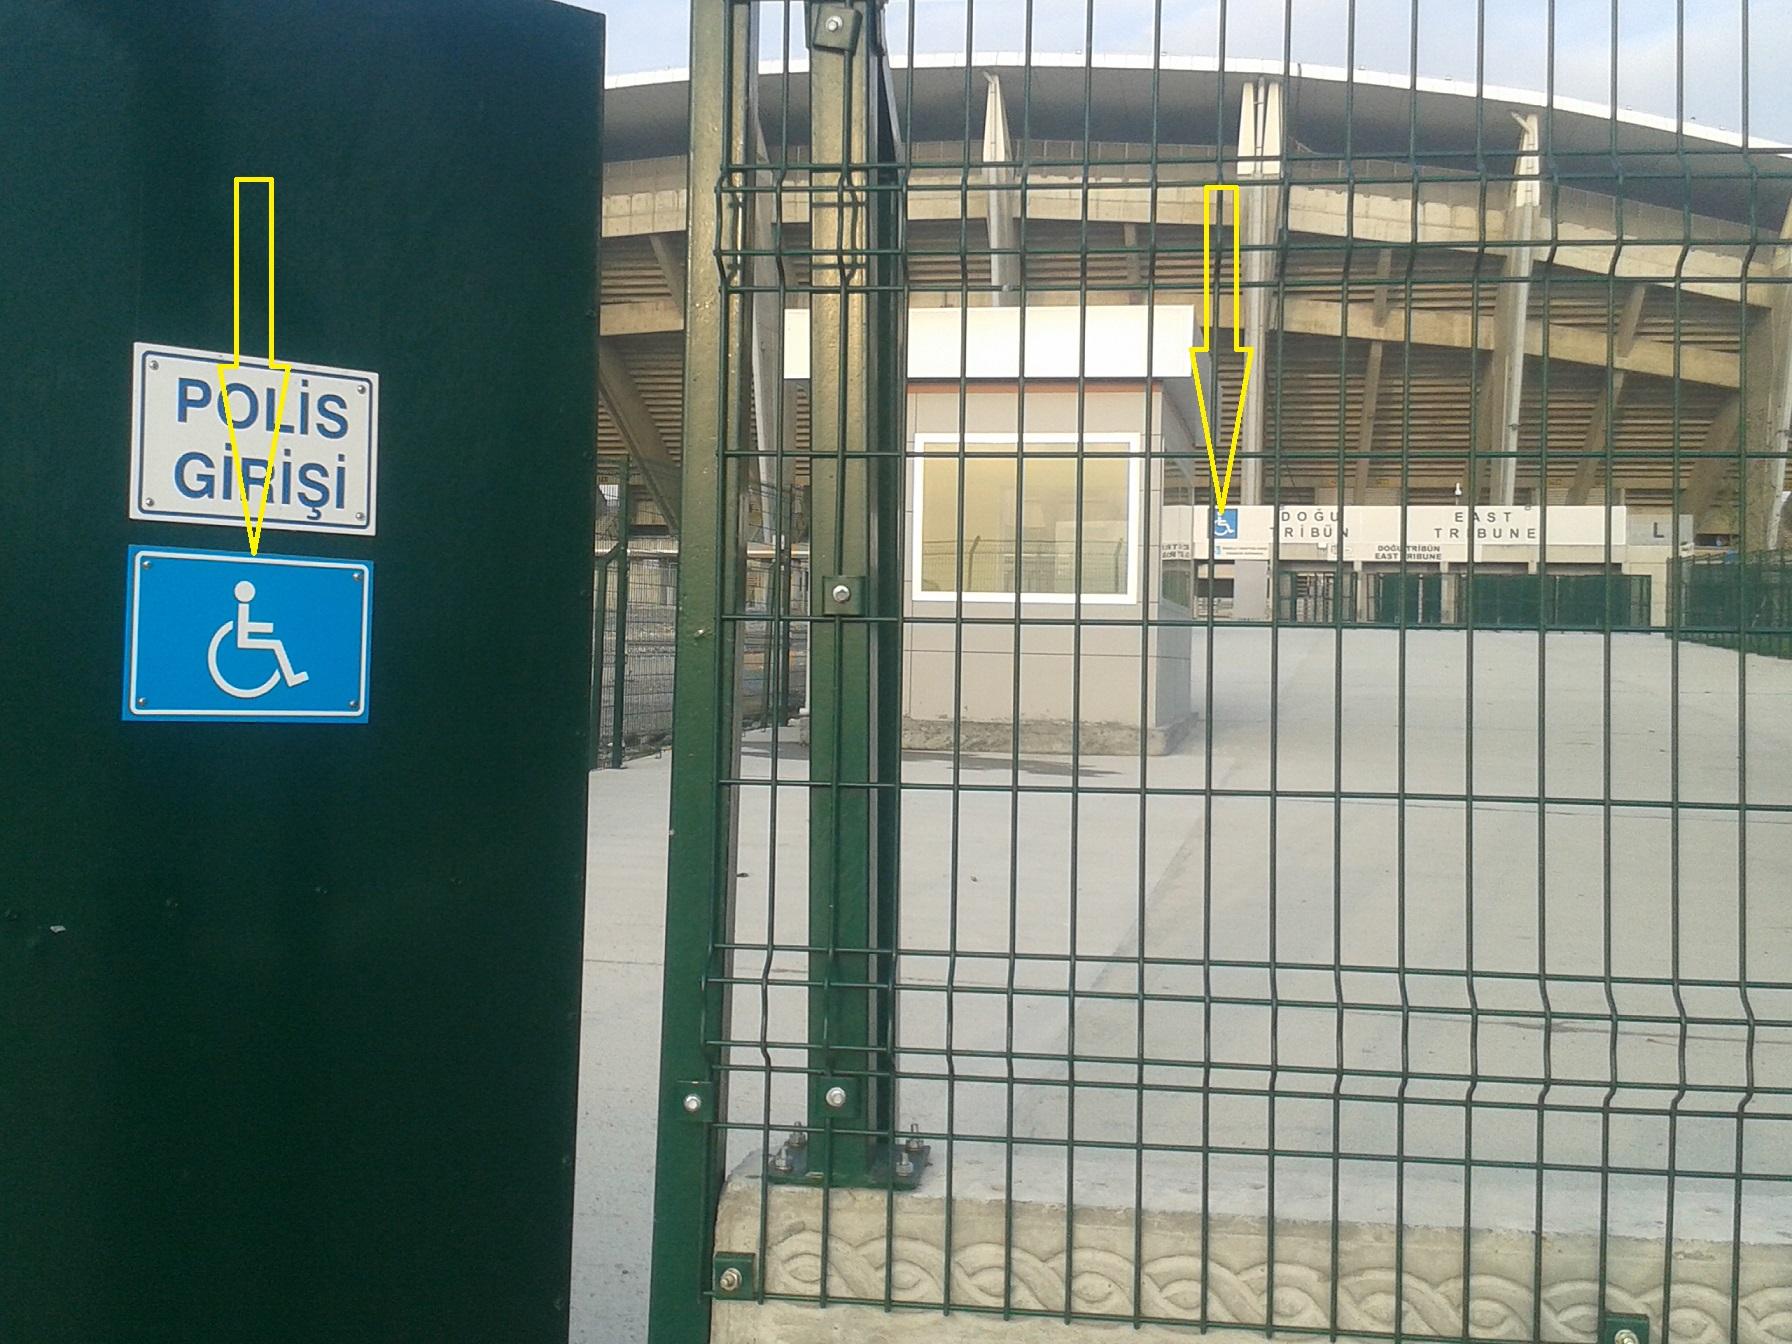 5 engelsiz - Atat�rk Olimpiyat stad�nda engelliler i�in uygun d�zenlemeler yap�ld�